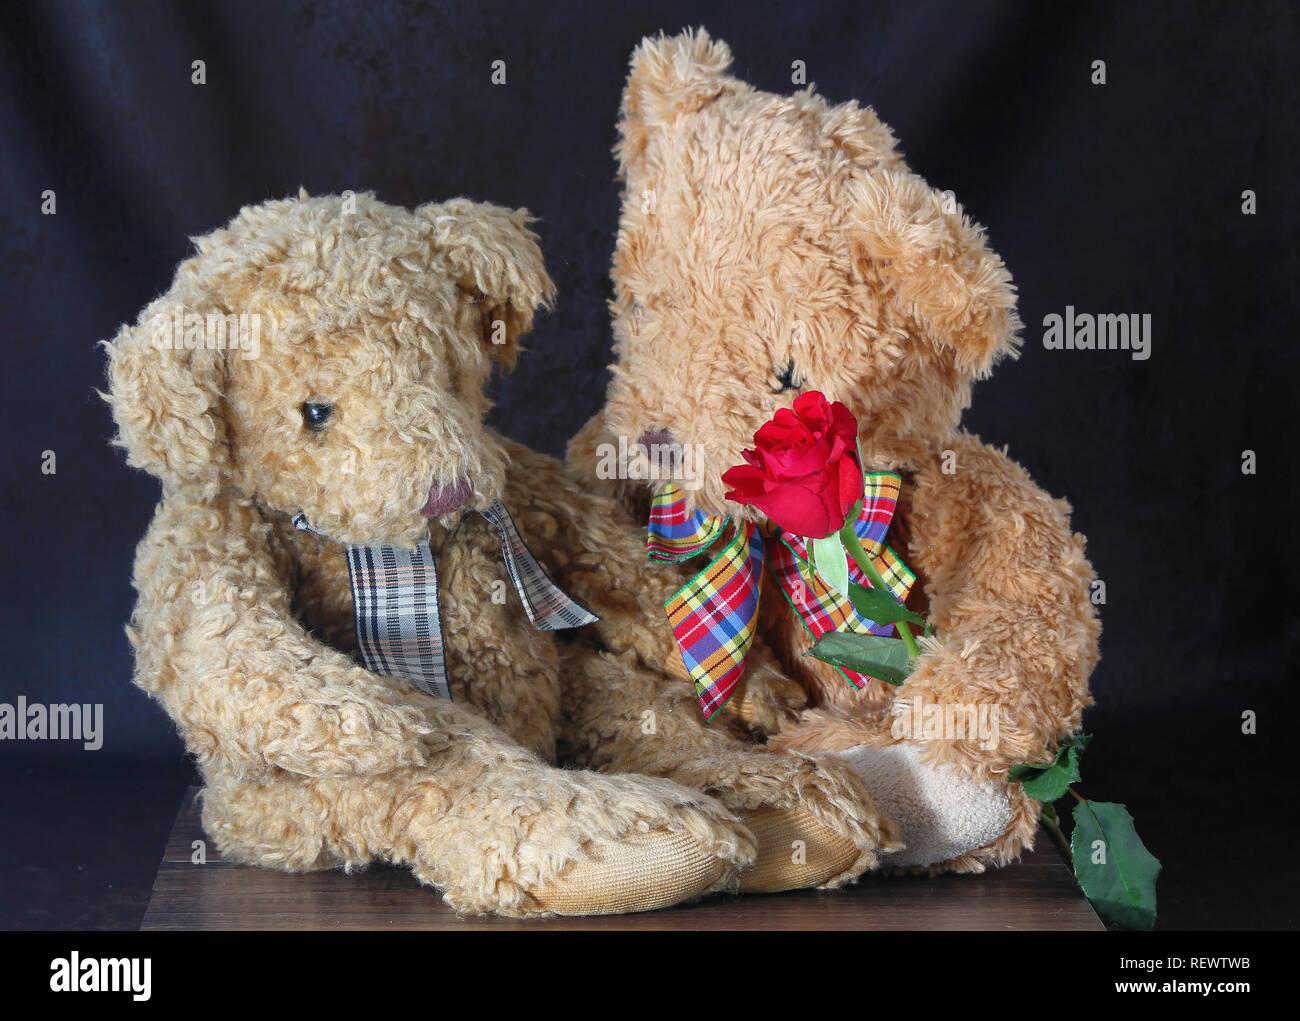 Anniversario Matrimonio Auguri Romantici : Simpatici orsetti giovane con una rosa rossa. buon san valentino